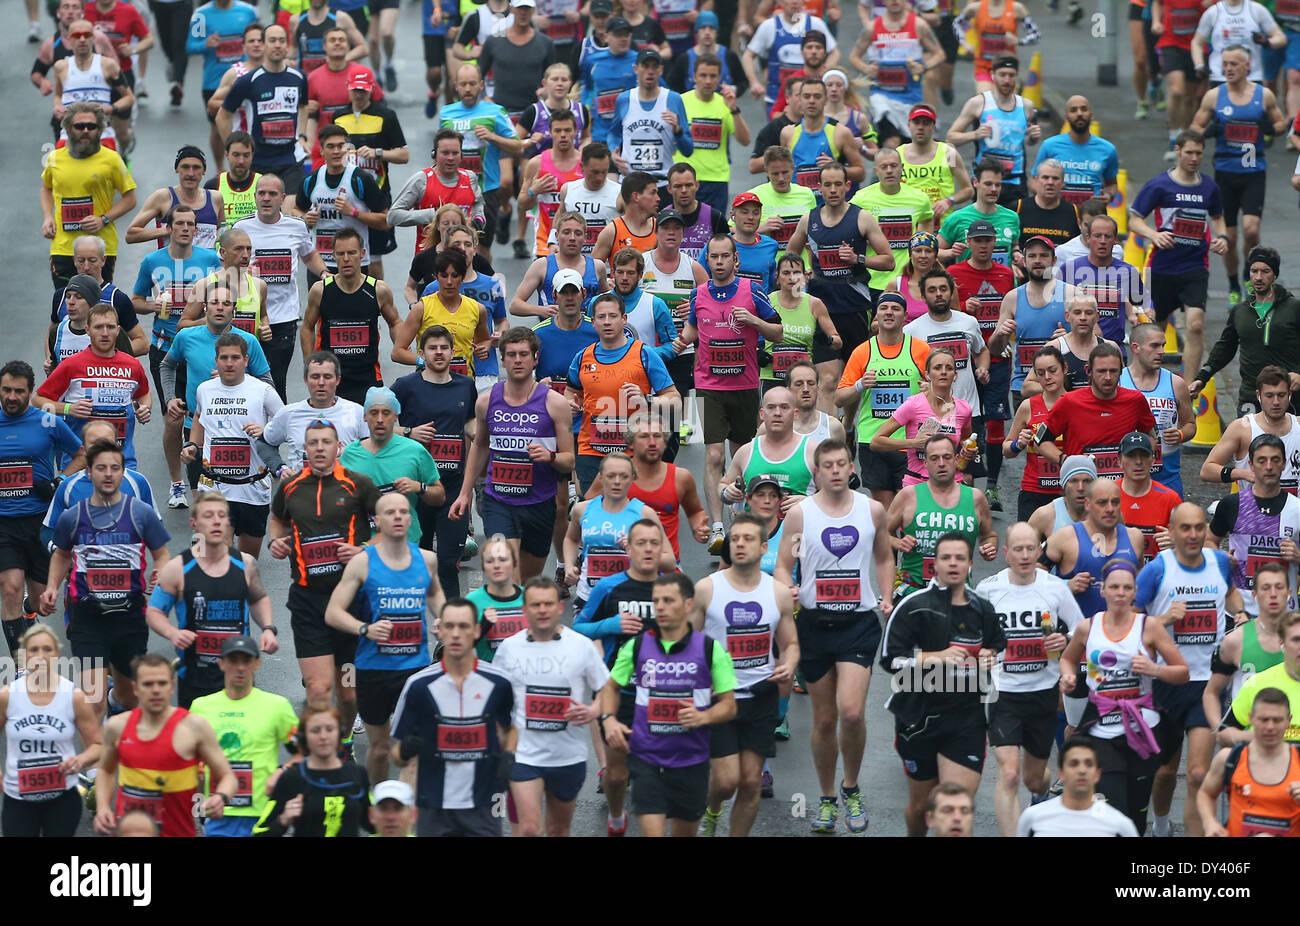 Glissières de la concurrence dans le 5ème Marathon de Brighton. Photo par James Boardman Photo Stock